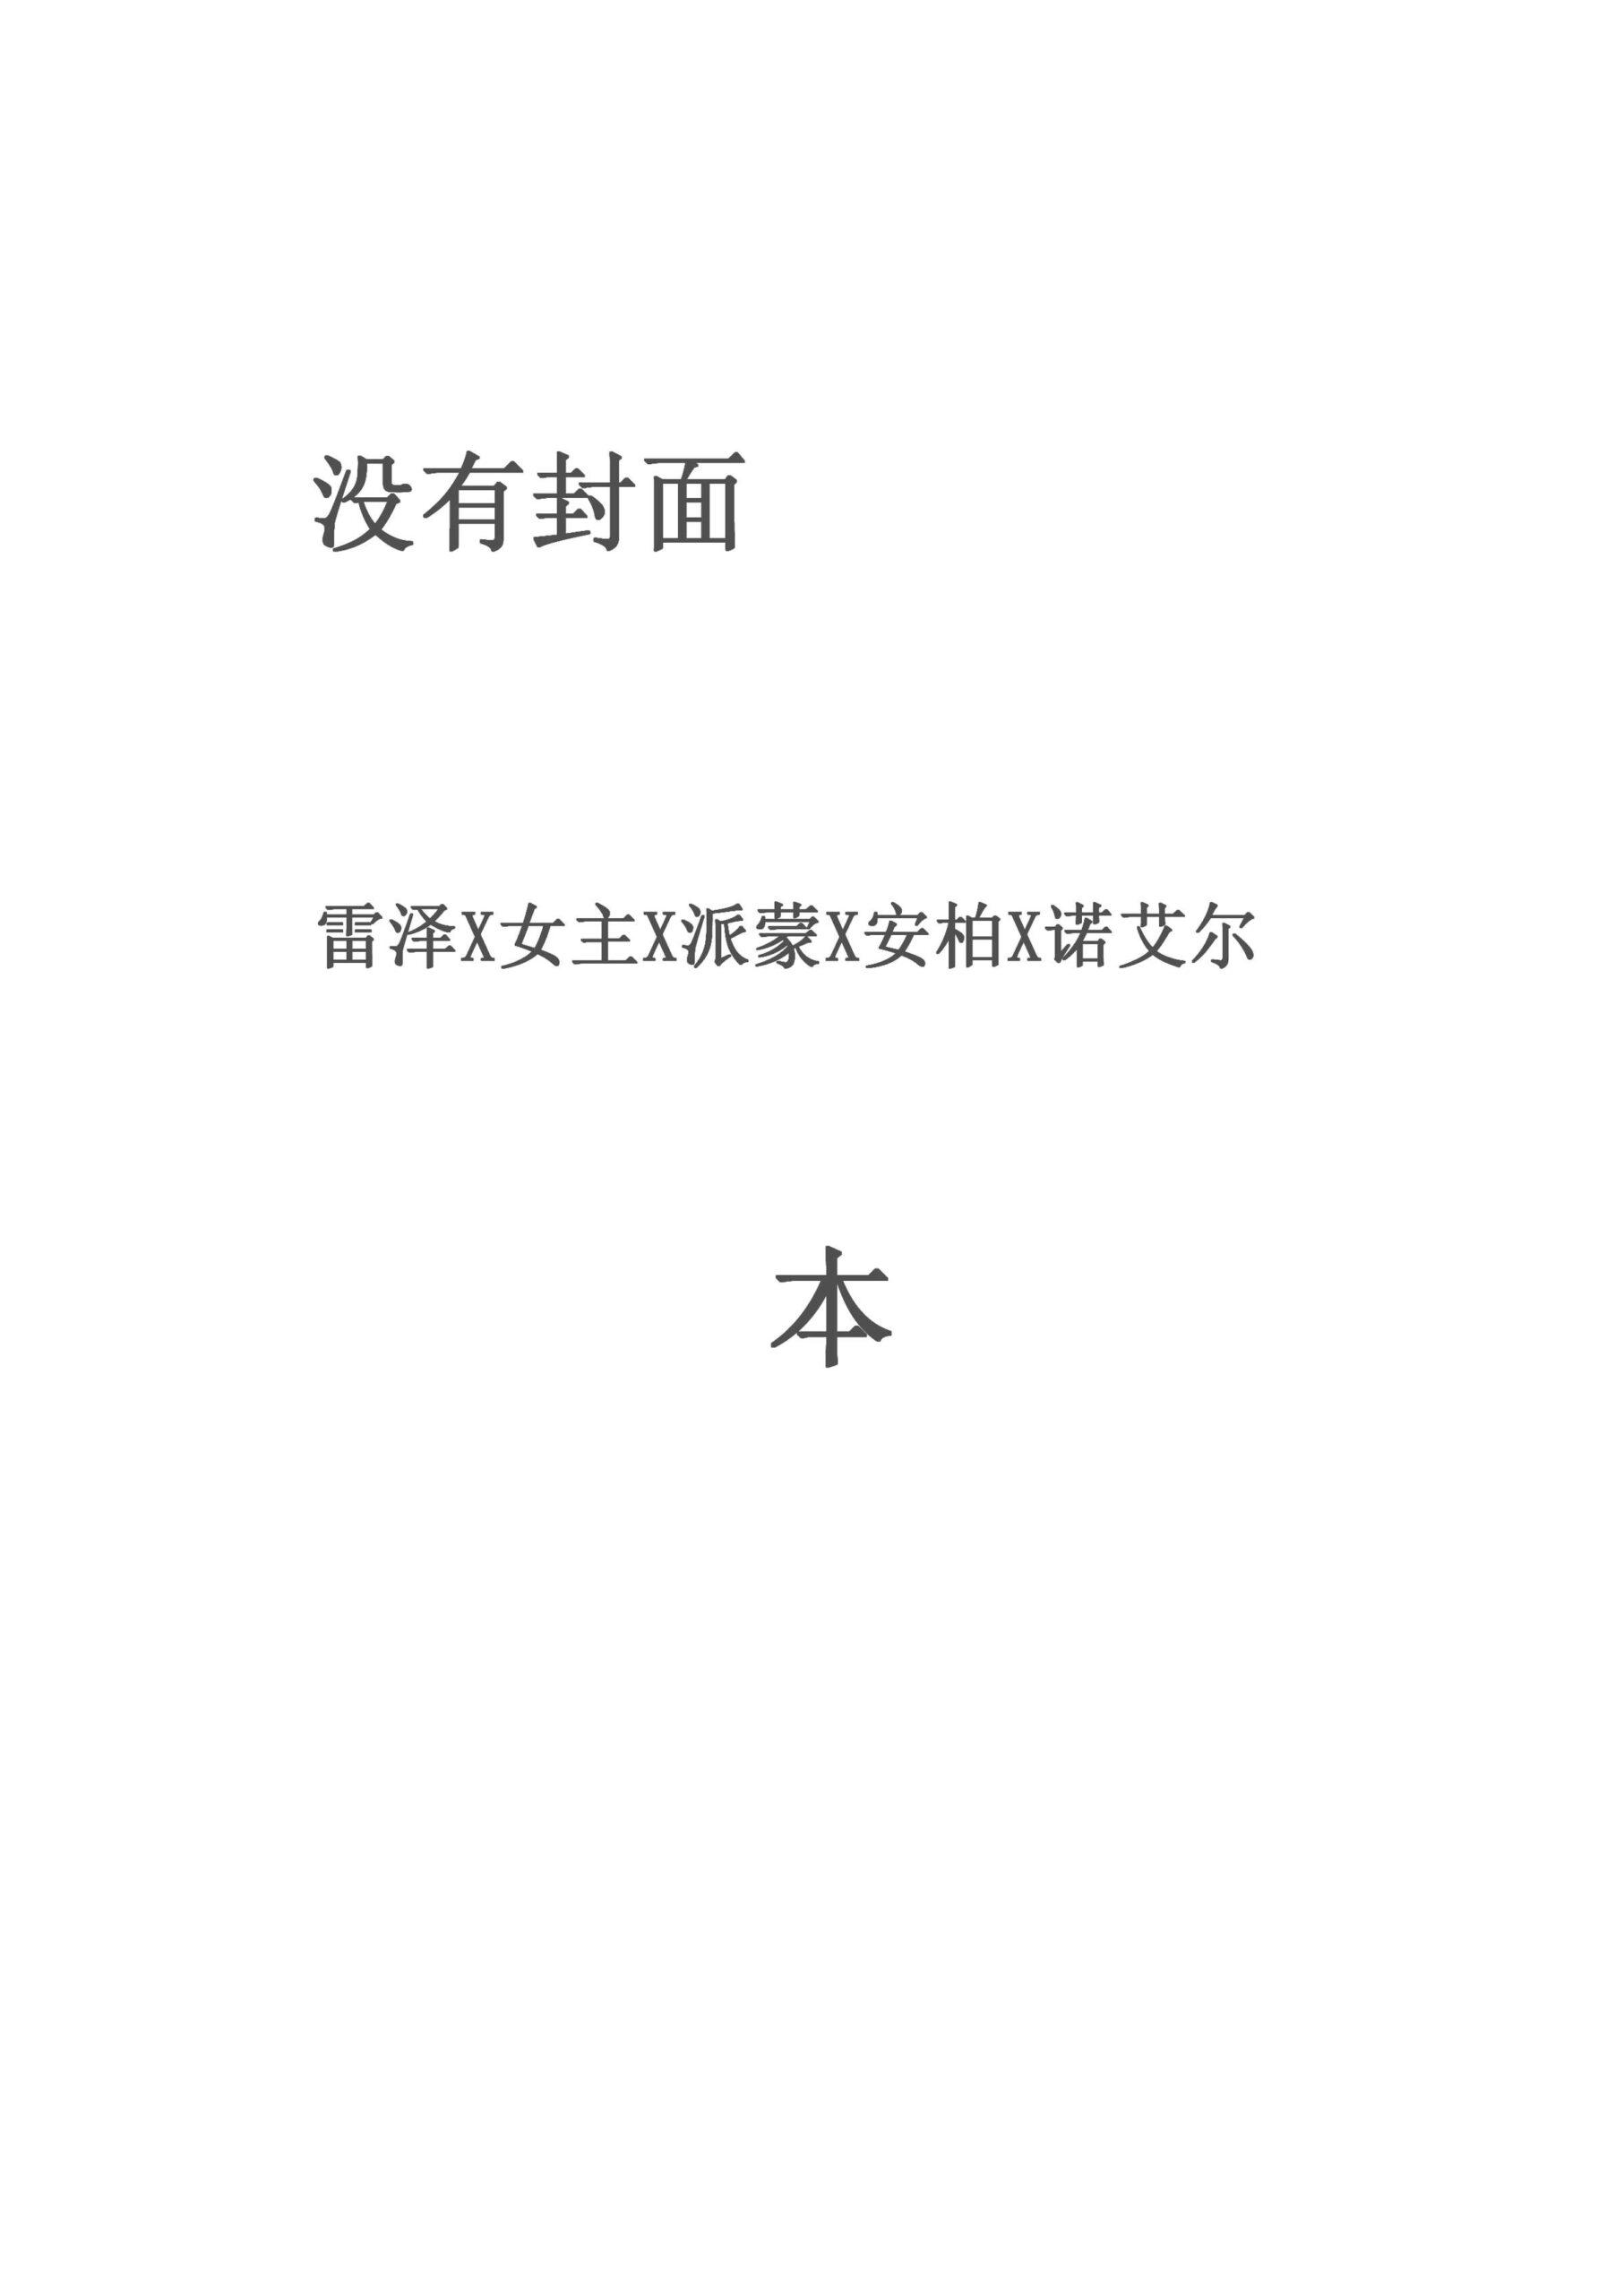 Photo of [CN] 原神本子练习